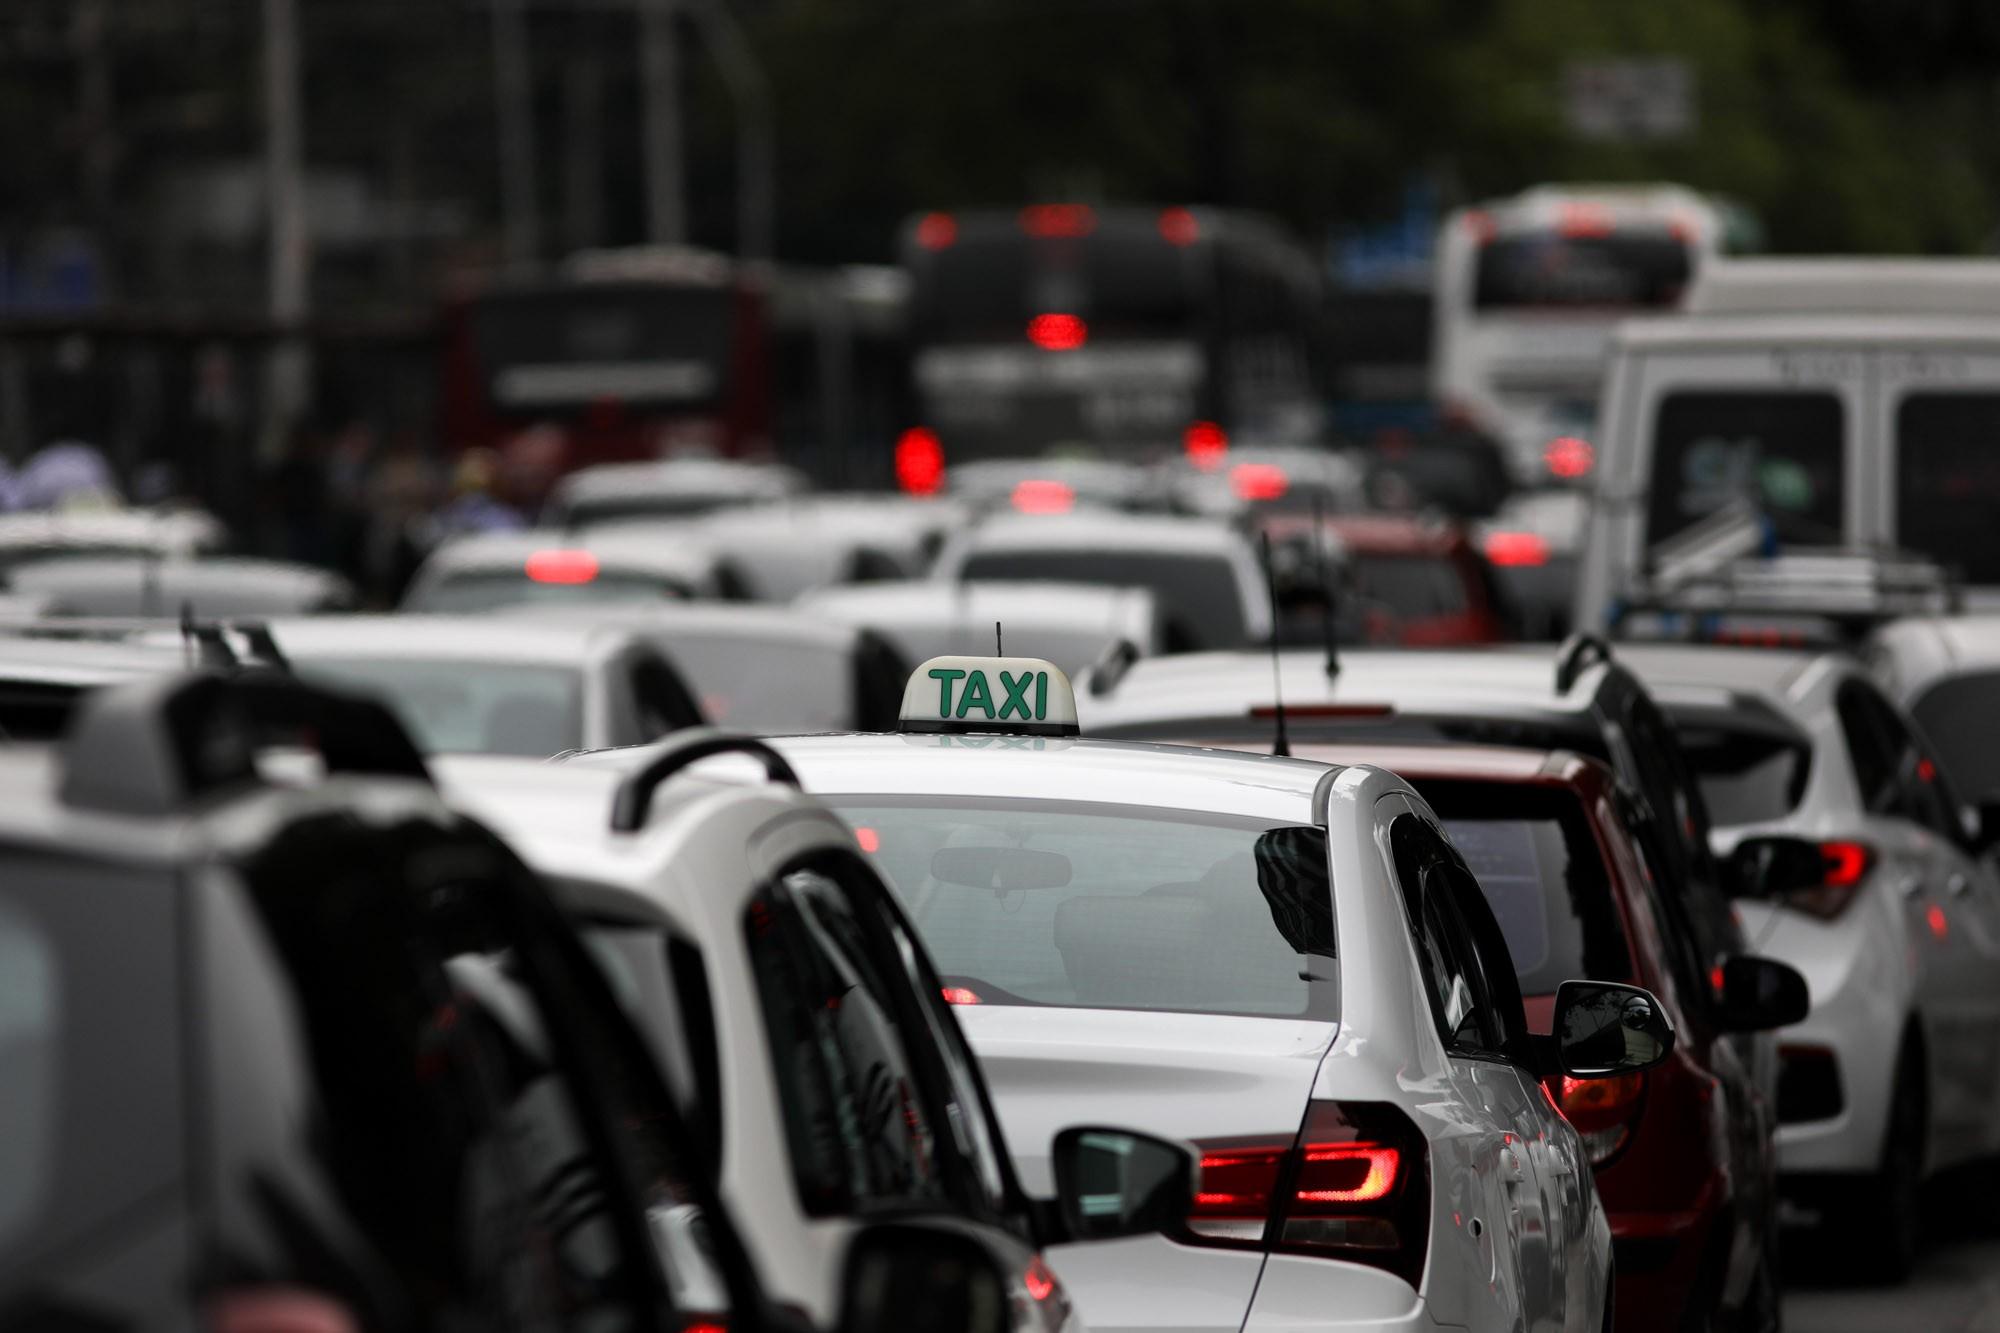 Rodízio de veículos na cidade de SP volta ao horário tradicional nesta segunda; veja horários e placas